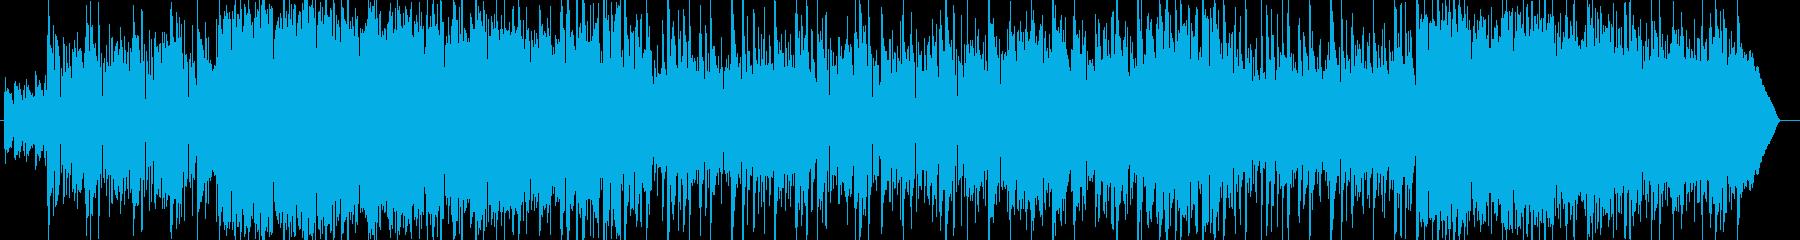 明るく心地よい軽快なポップミュージックの再生済みの波形